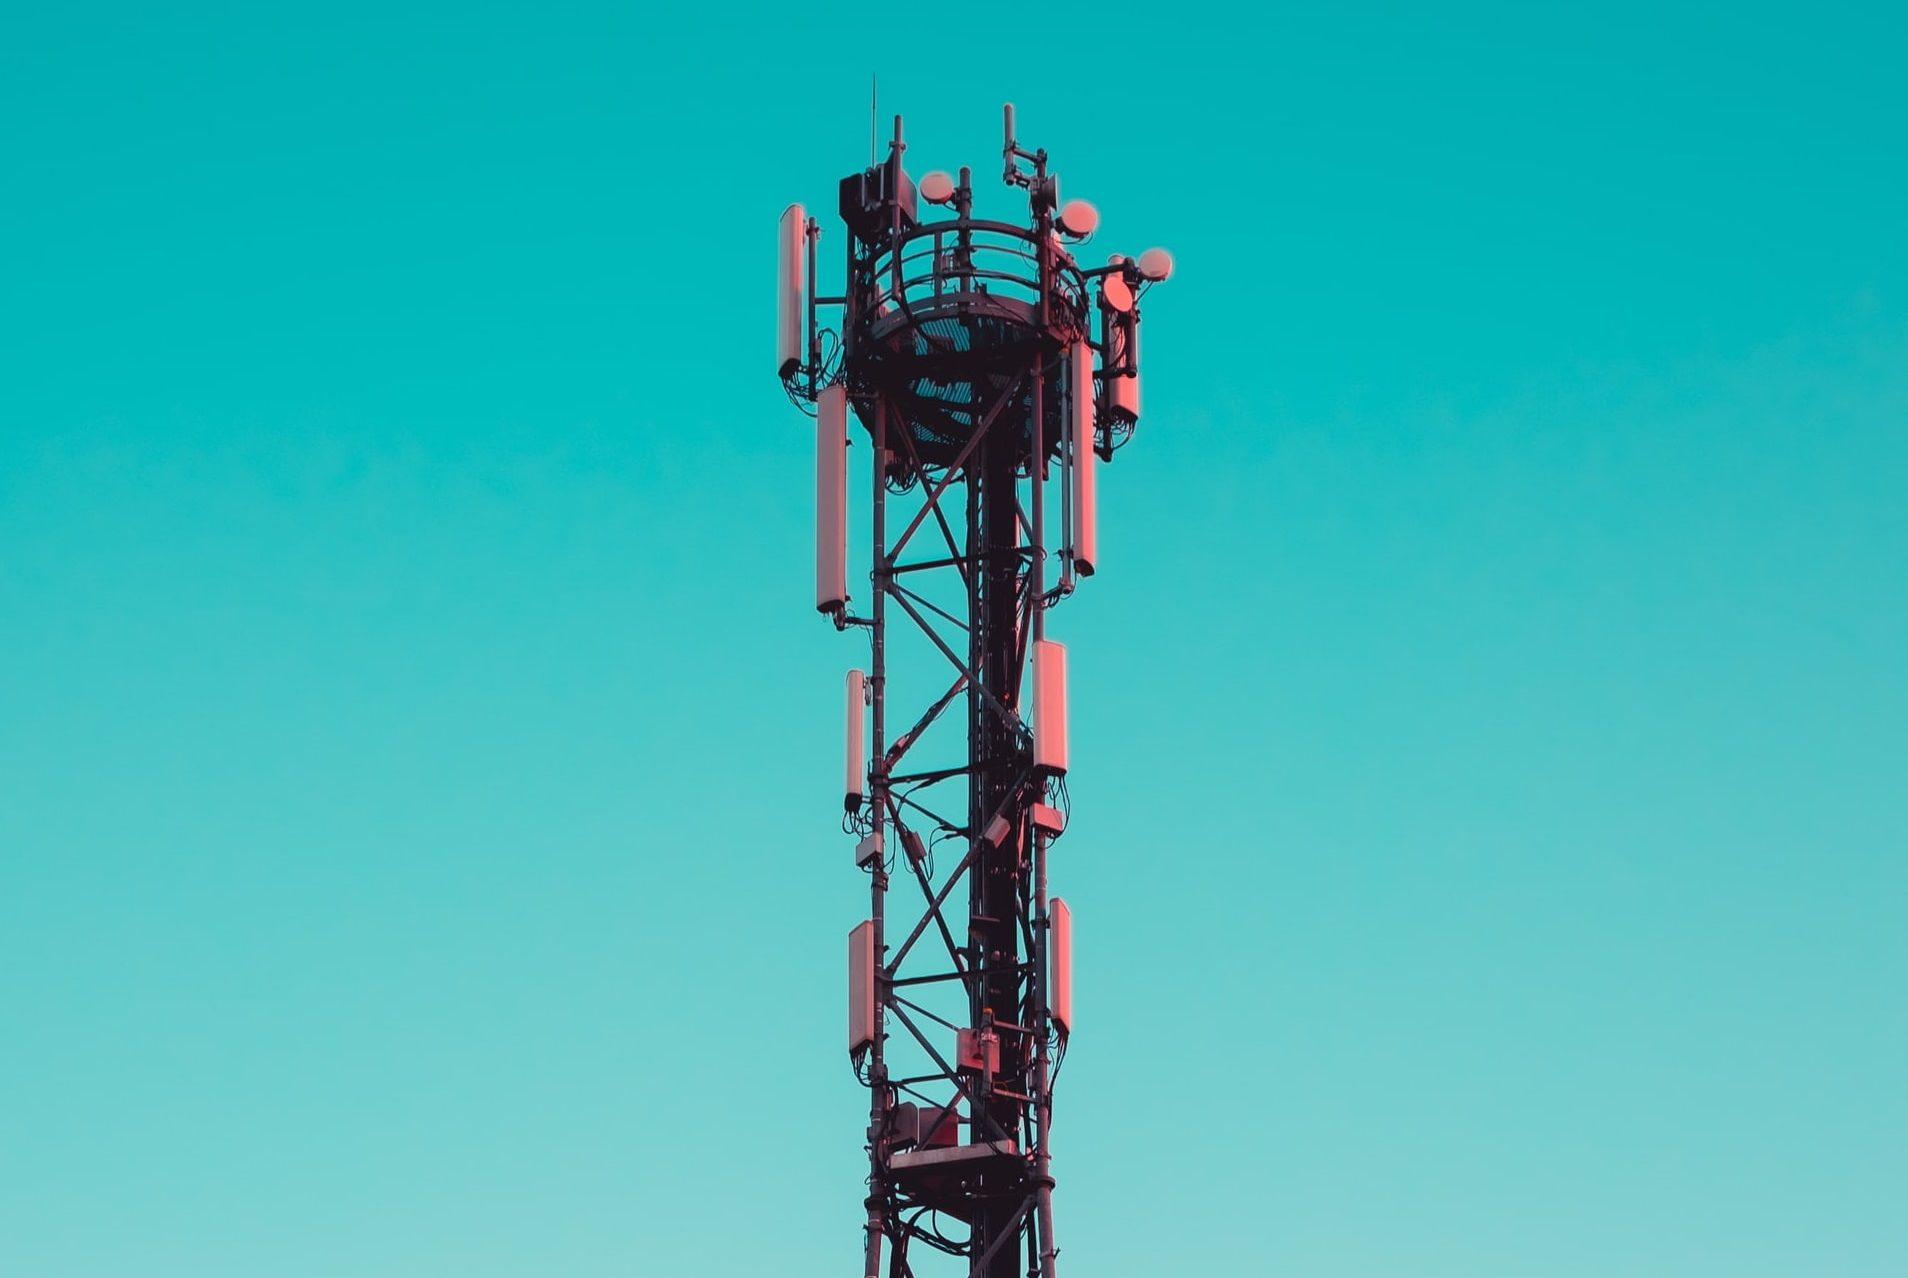 telecomunicaciones-unsplash